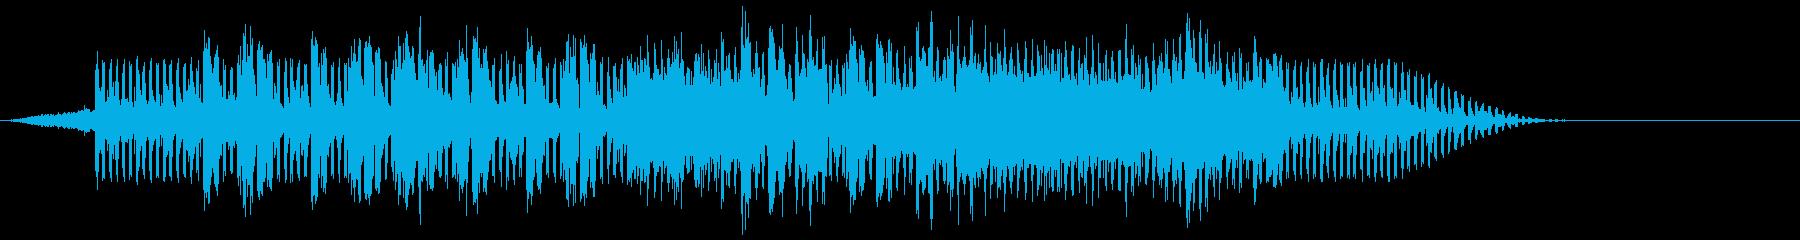 きらめくアンダートーンの速いペース...の再生済みの波形